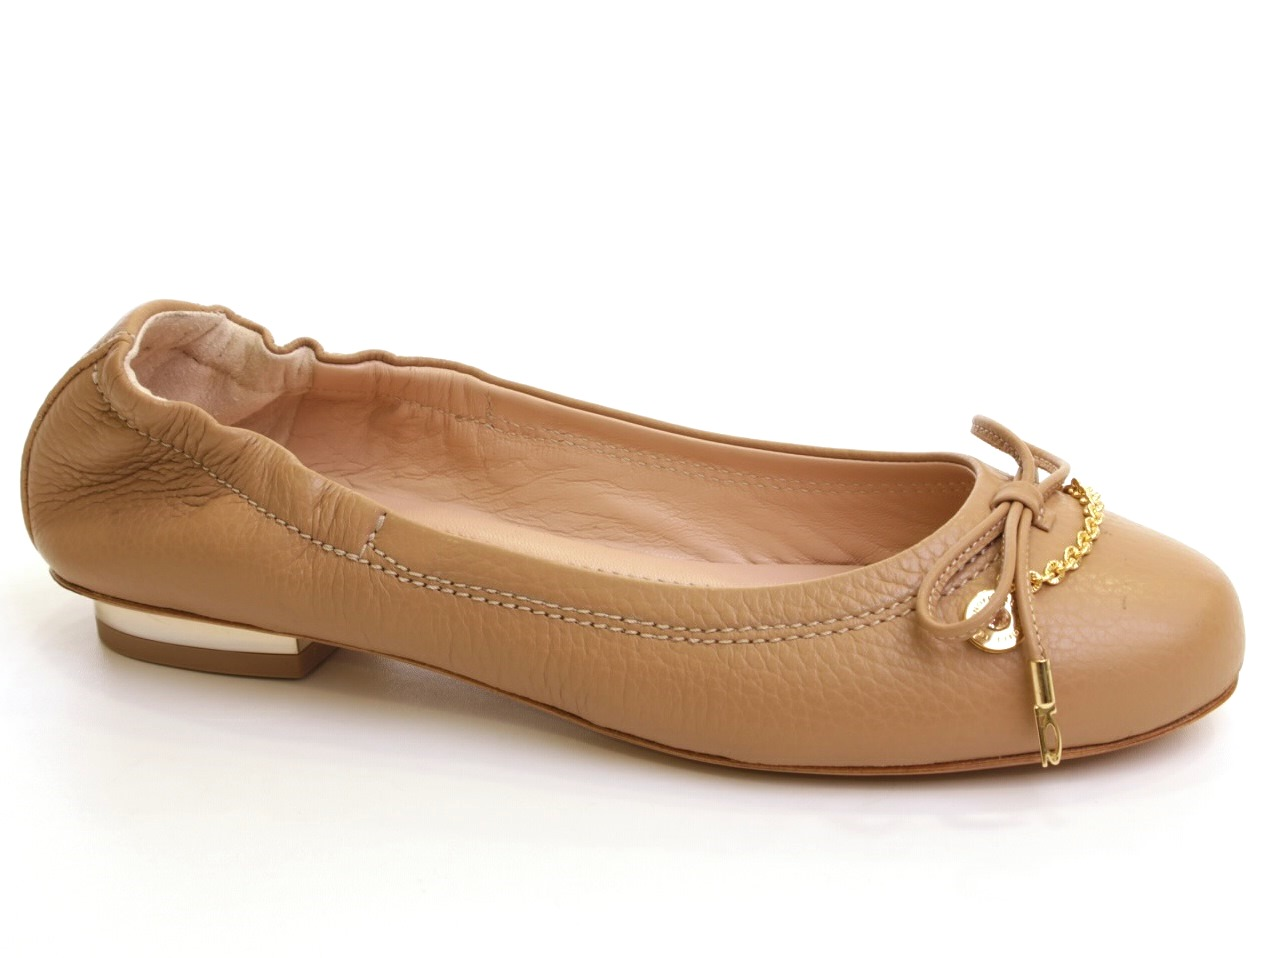 Chaussures Plates, Ballerine, Mocassins Luis Onofre - 293 3397/02